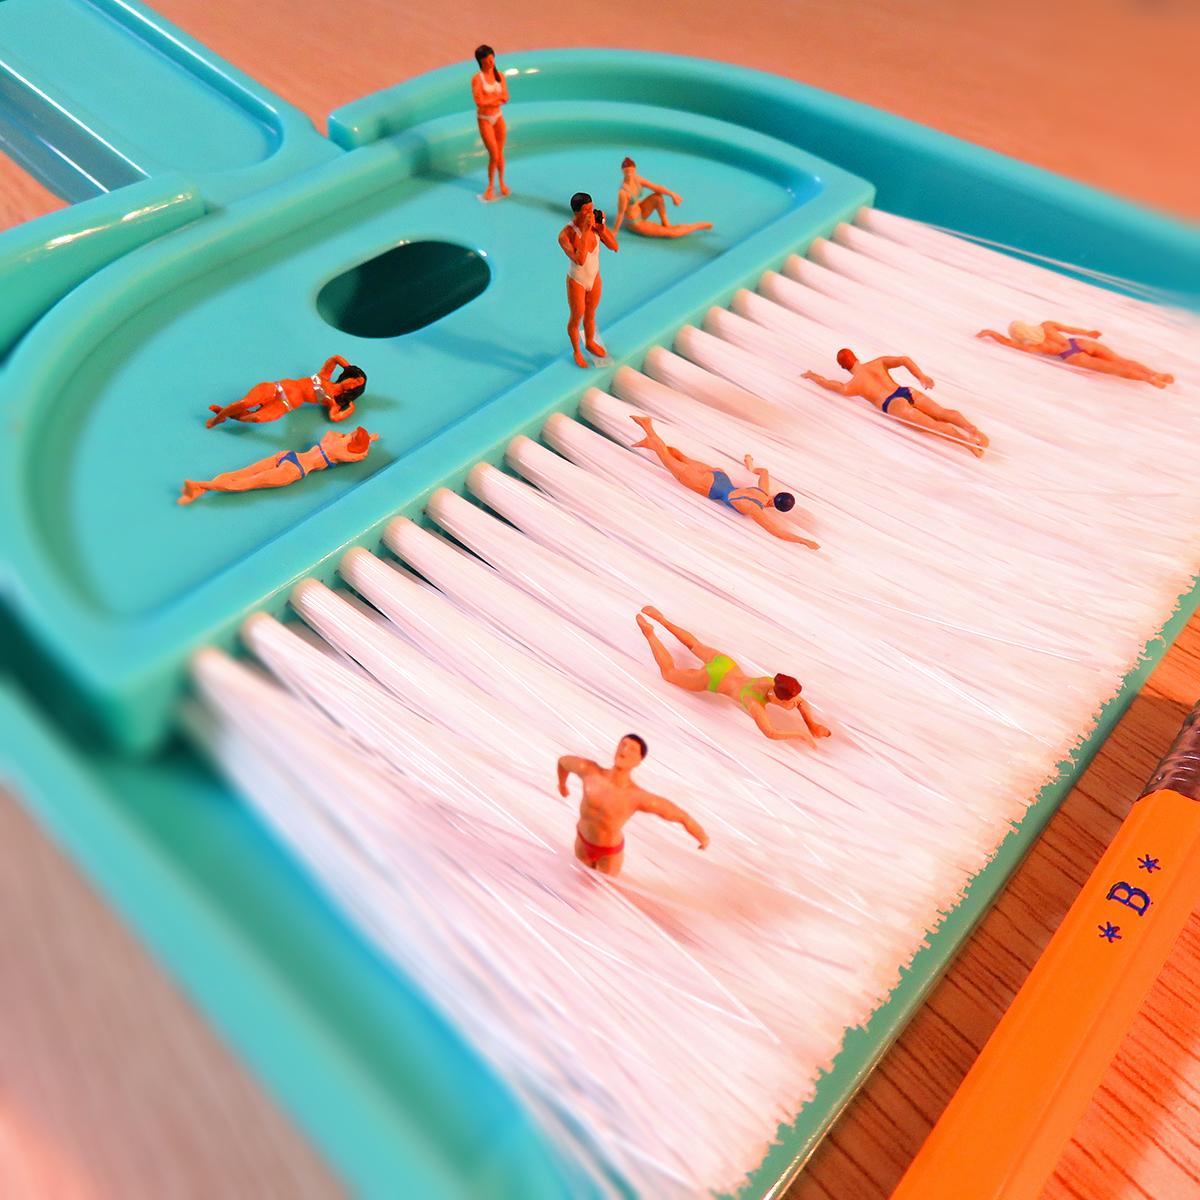 激流プールを泳いで楽しむ人達